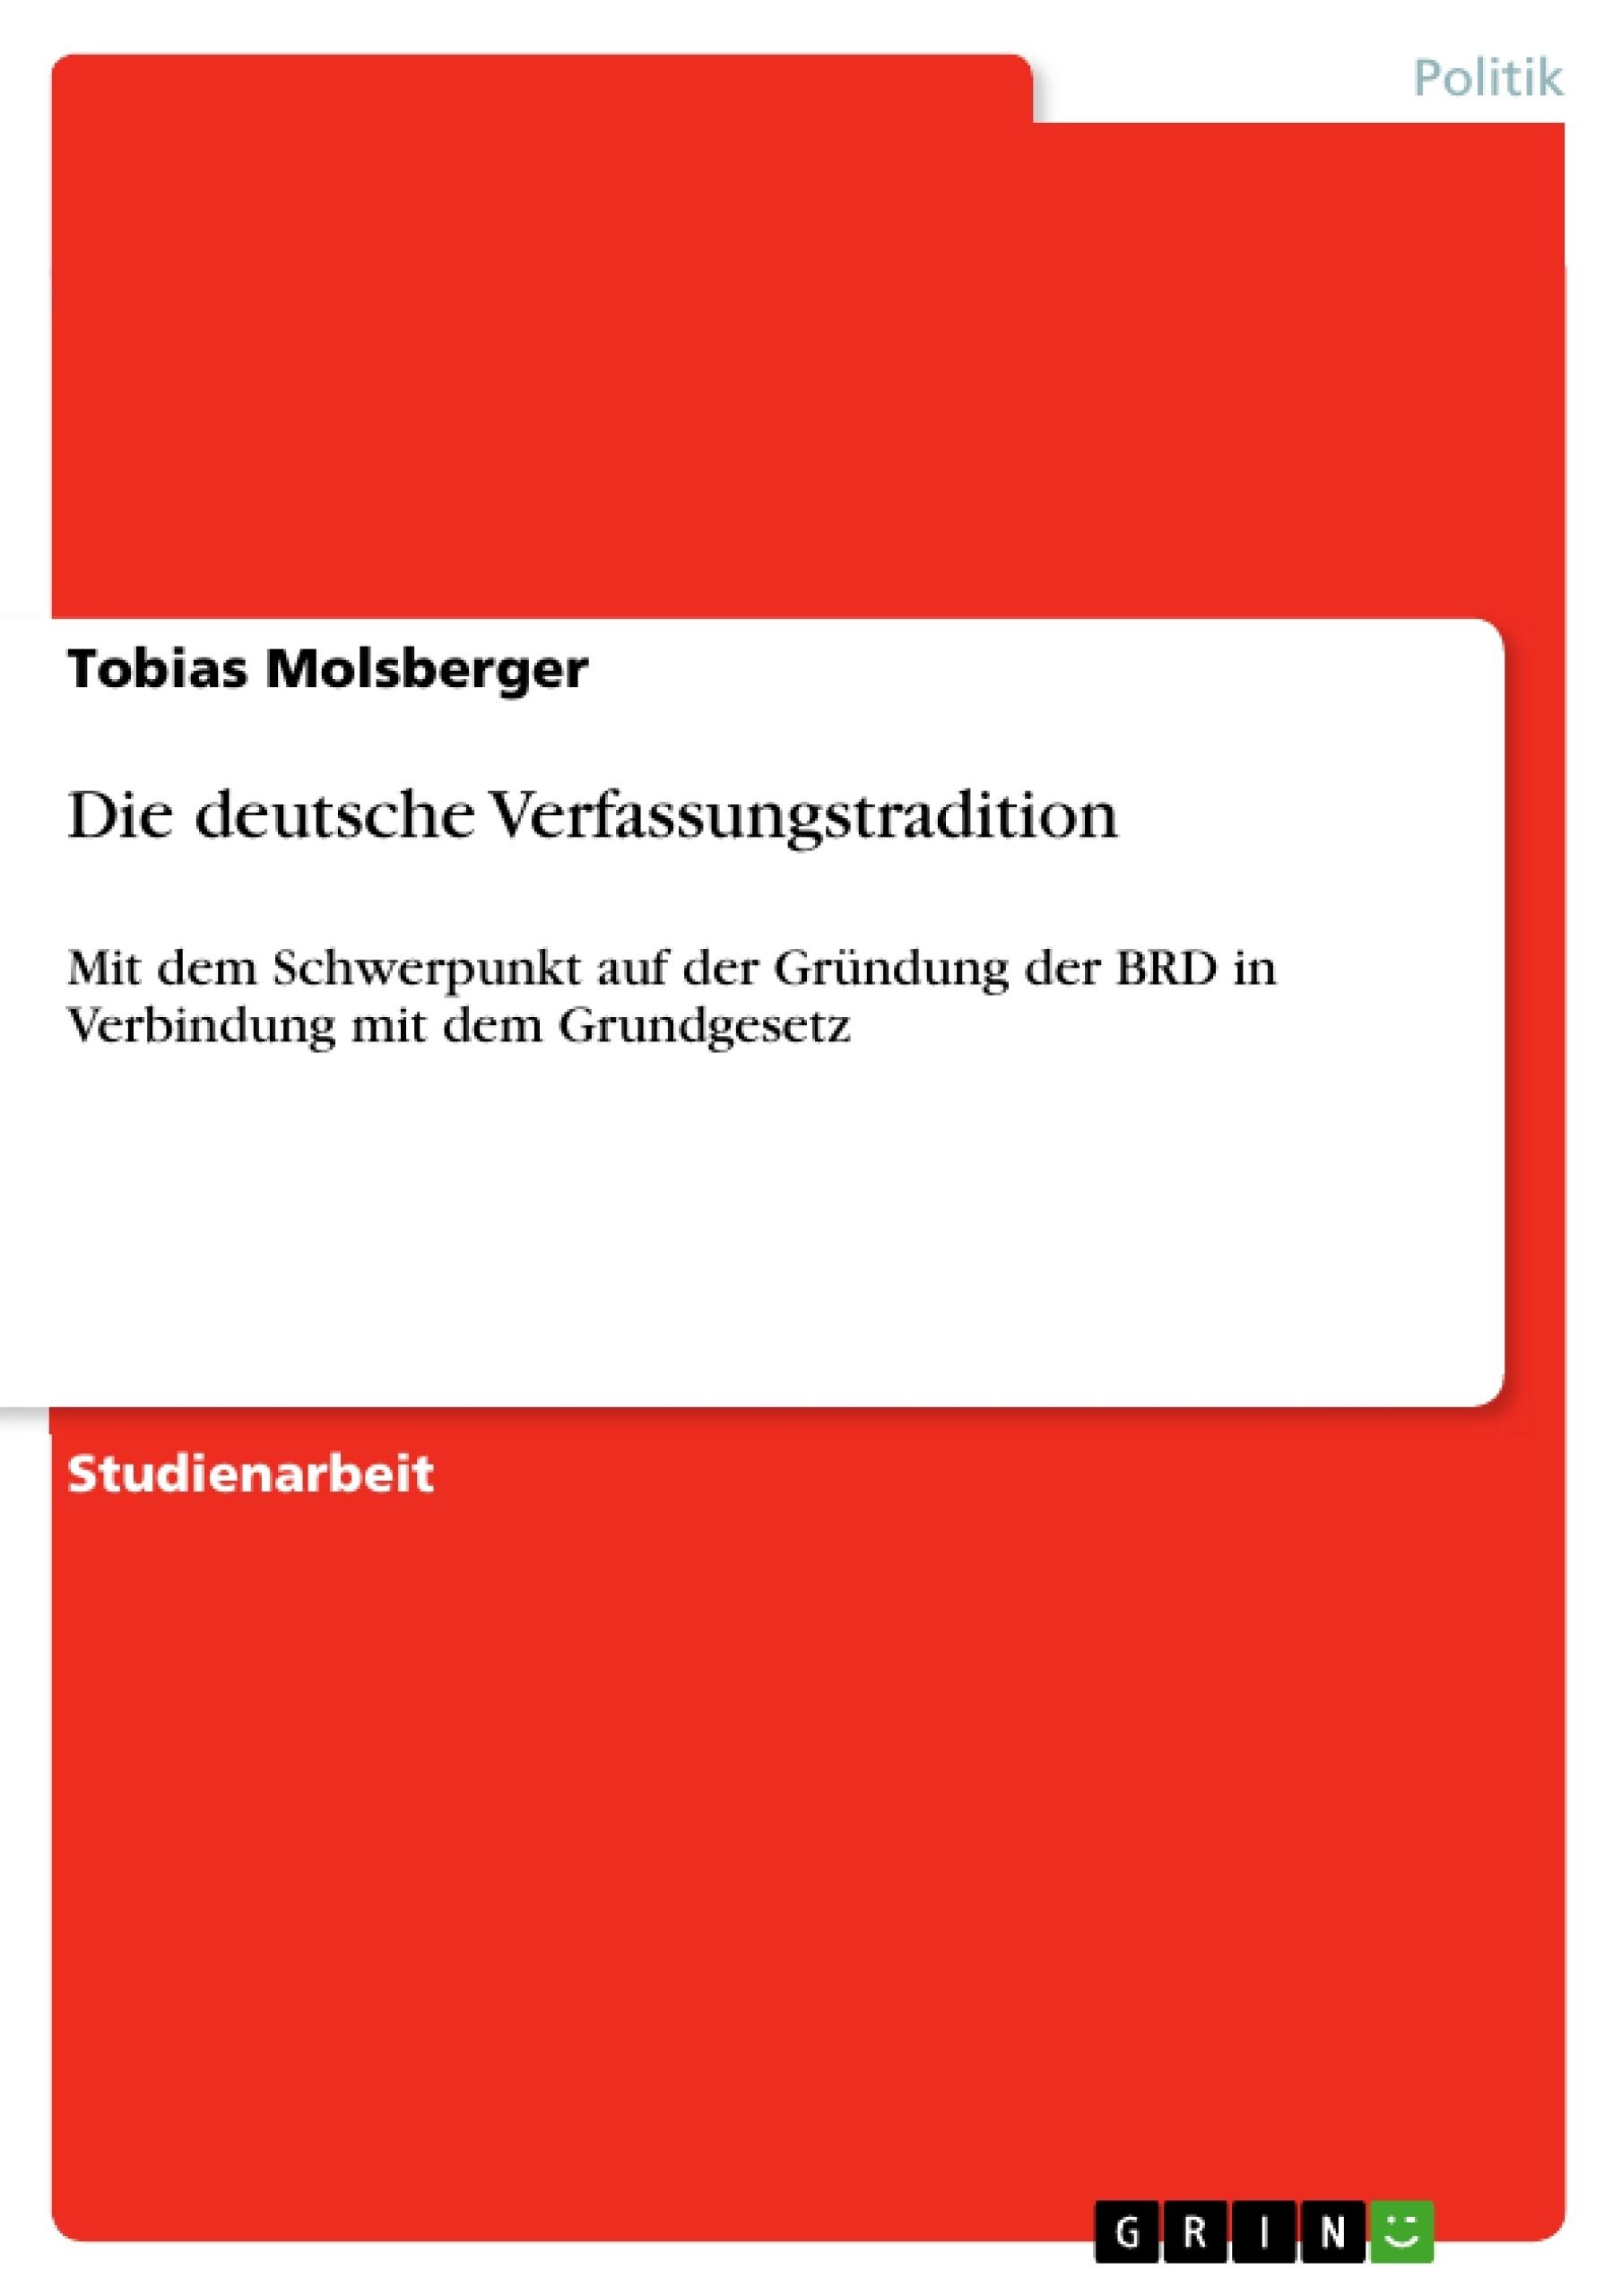 Titel: Die deutsche Verfassungstradition